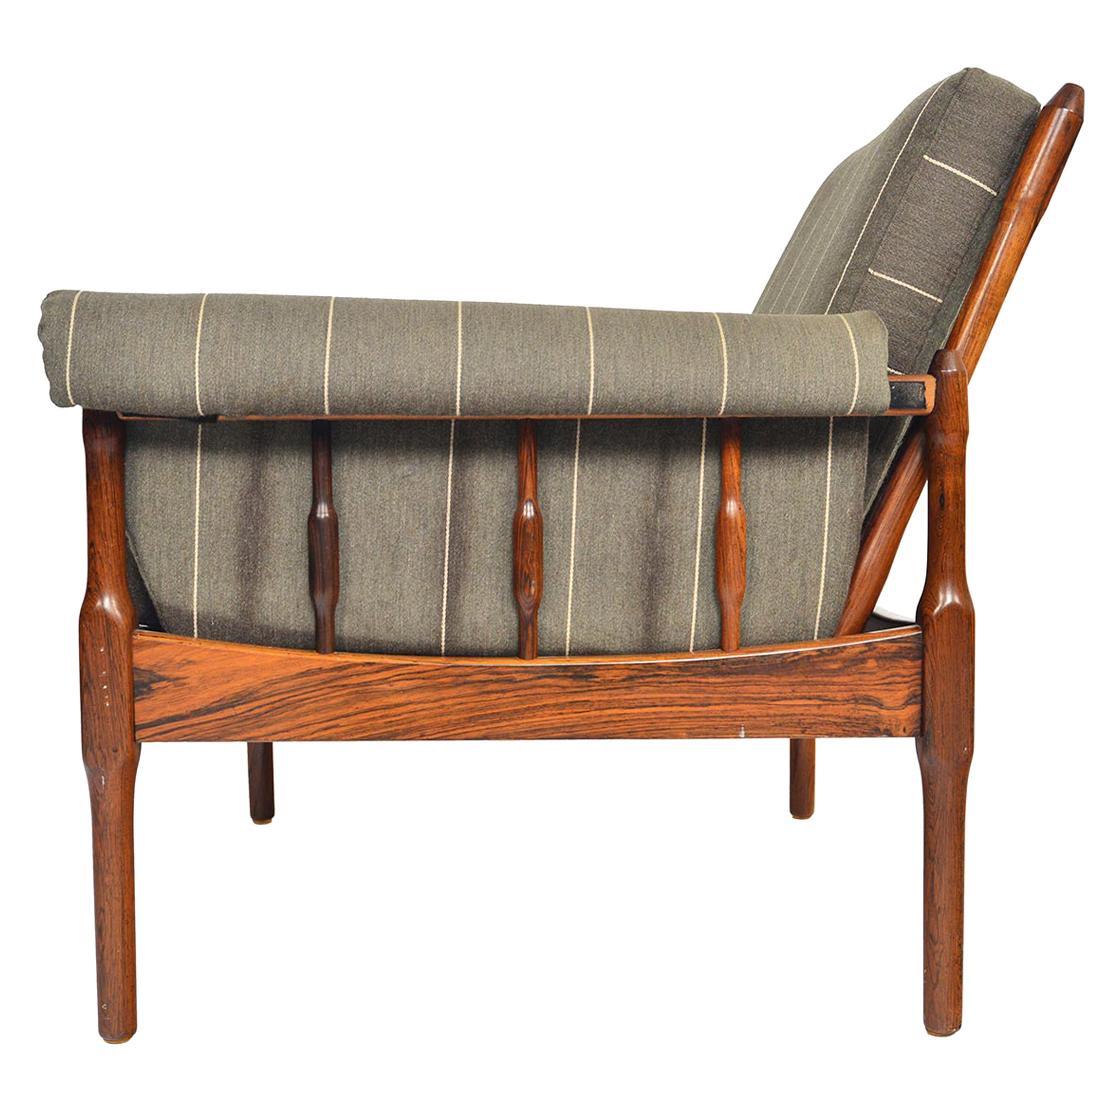 Norwegian Midcentury Lounge Chair in Rosewood by Torbjørn Afdal for Bruksbo